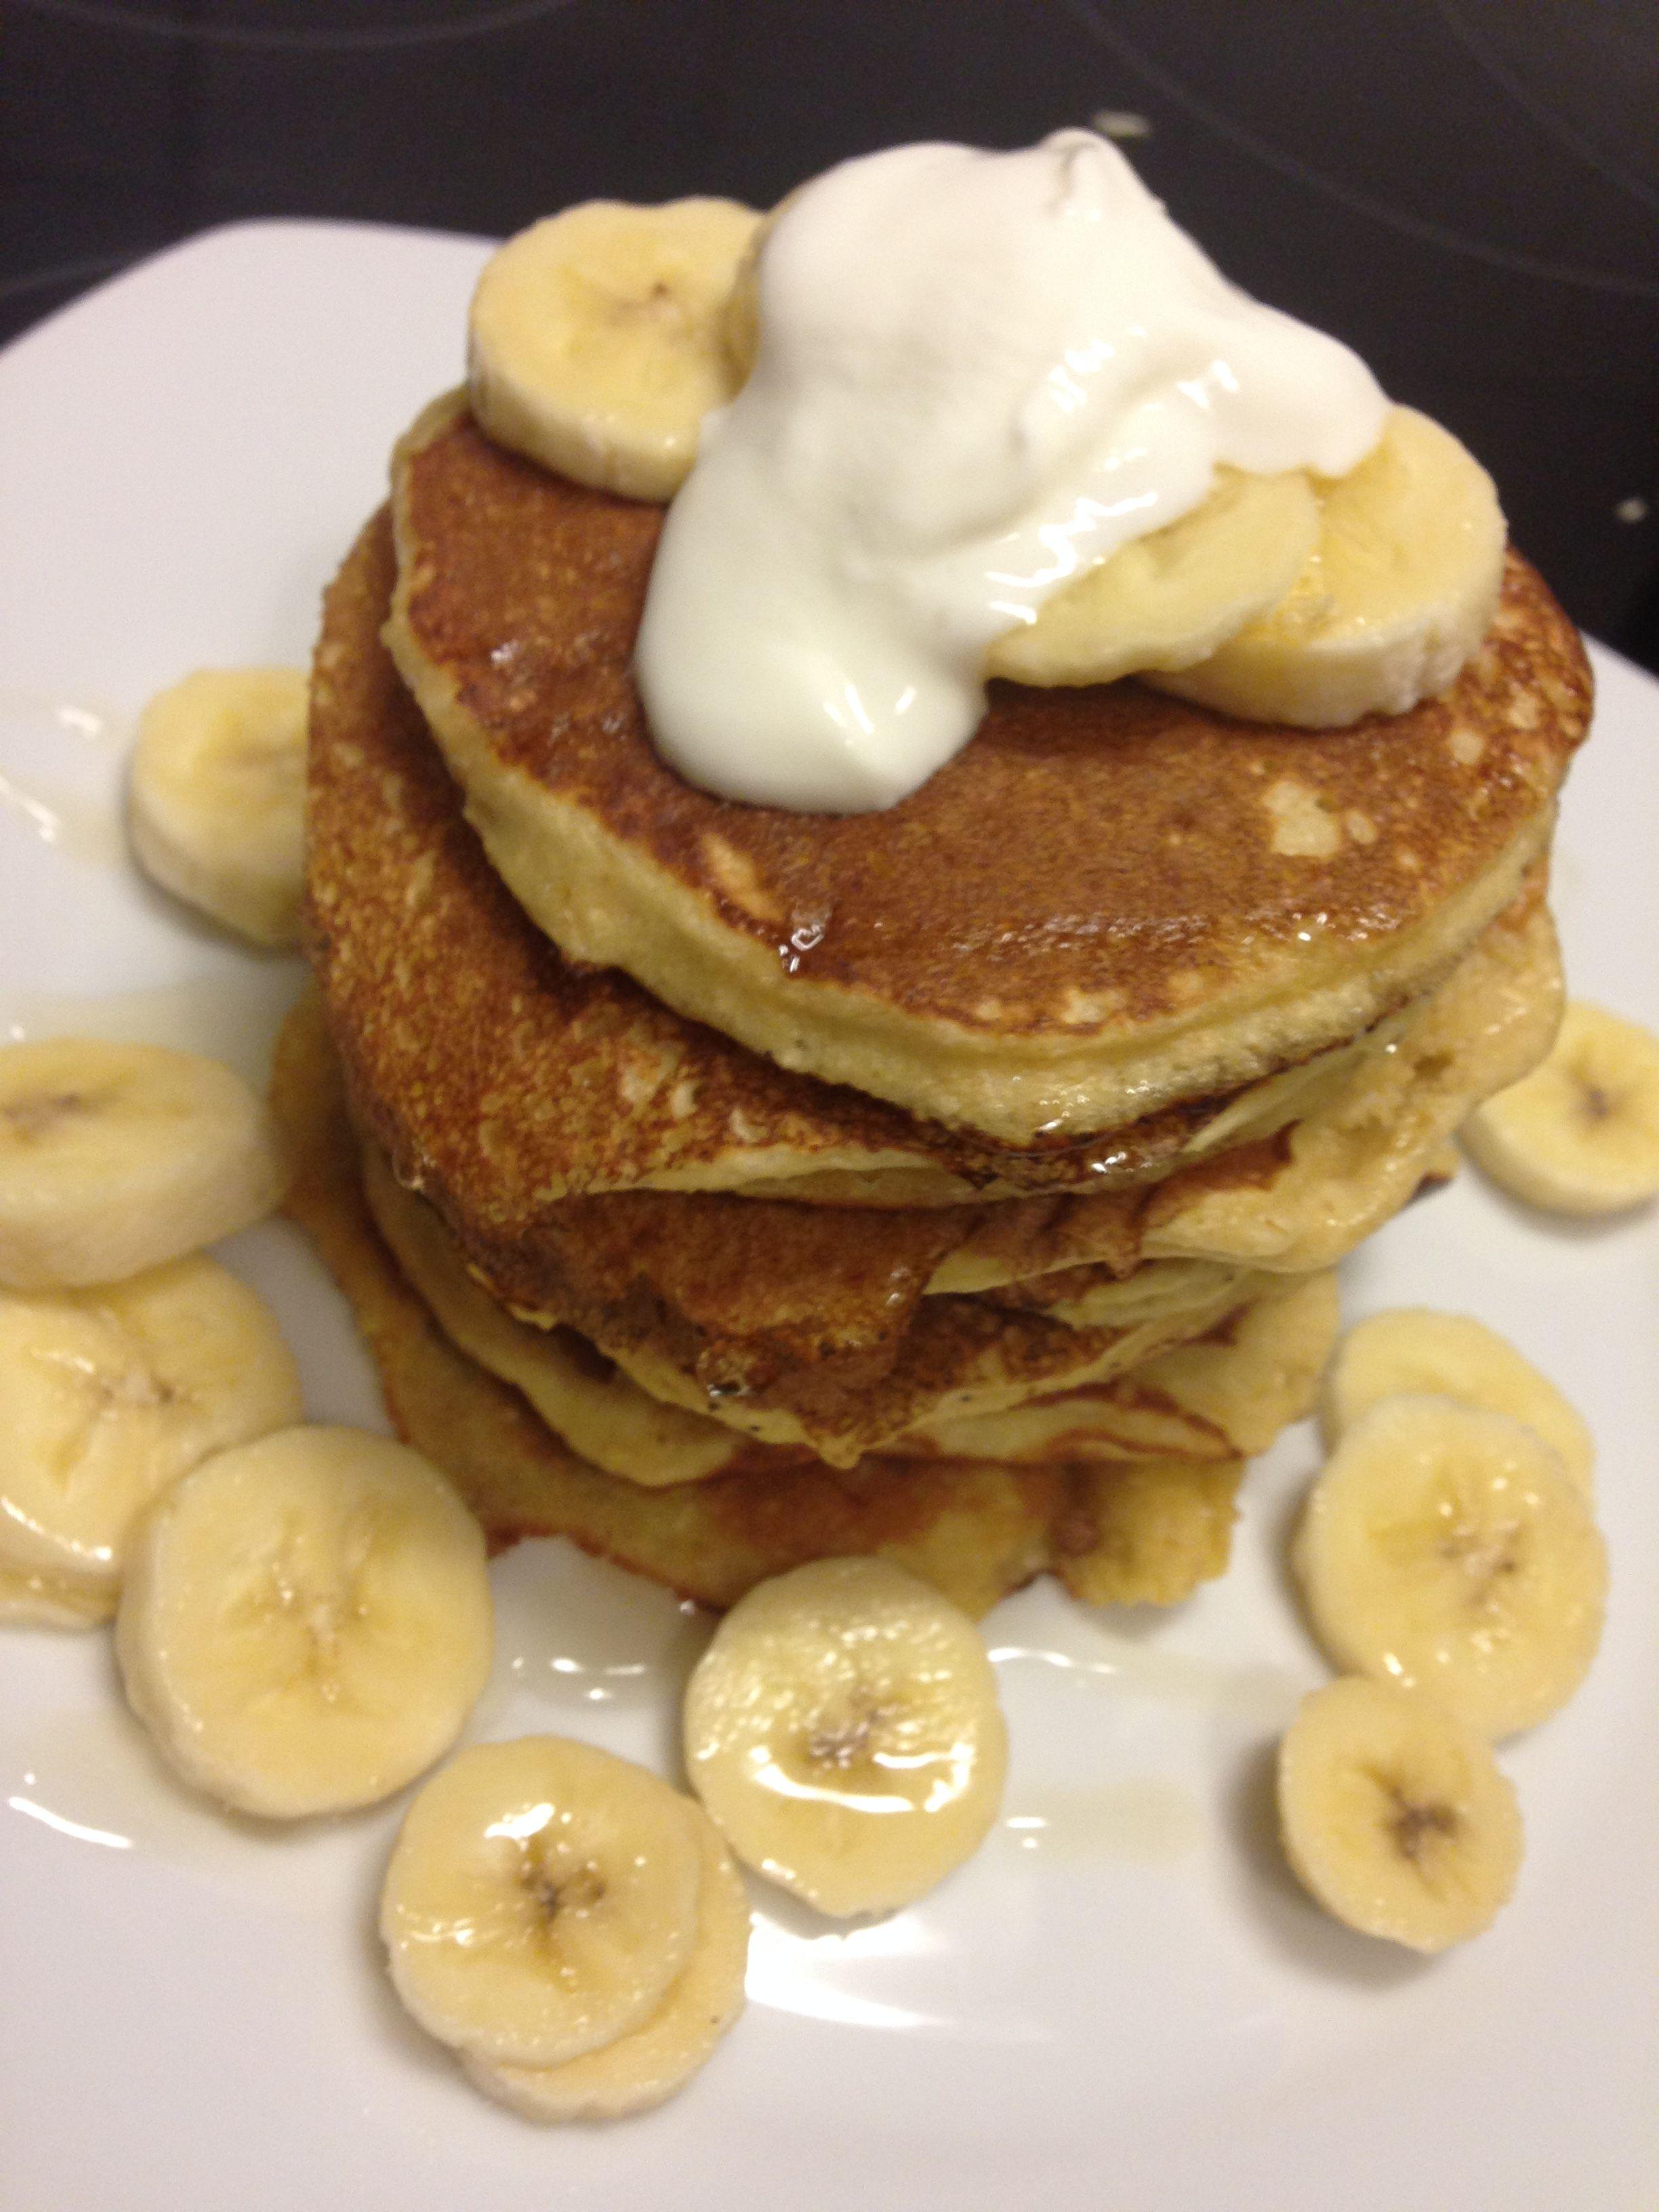 Verwonderend Lekkere gezonde banaan-havermout pancakes | Recept | Lekker eten GL-53